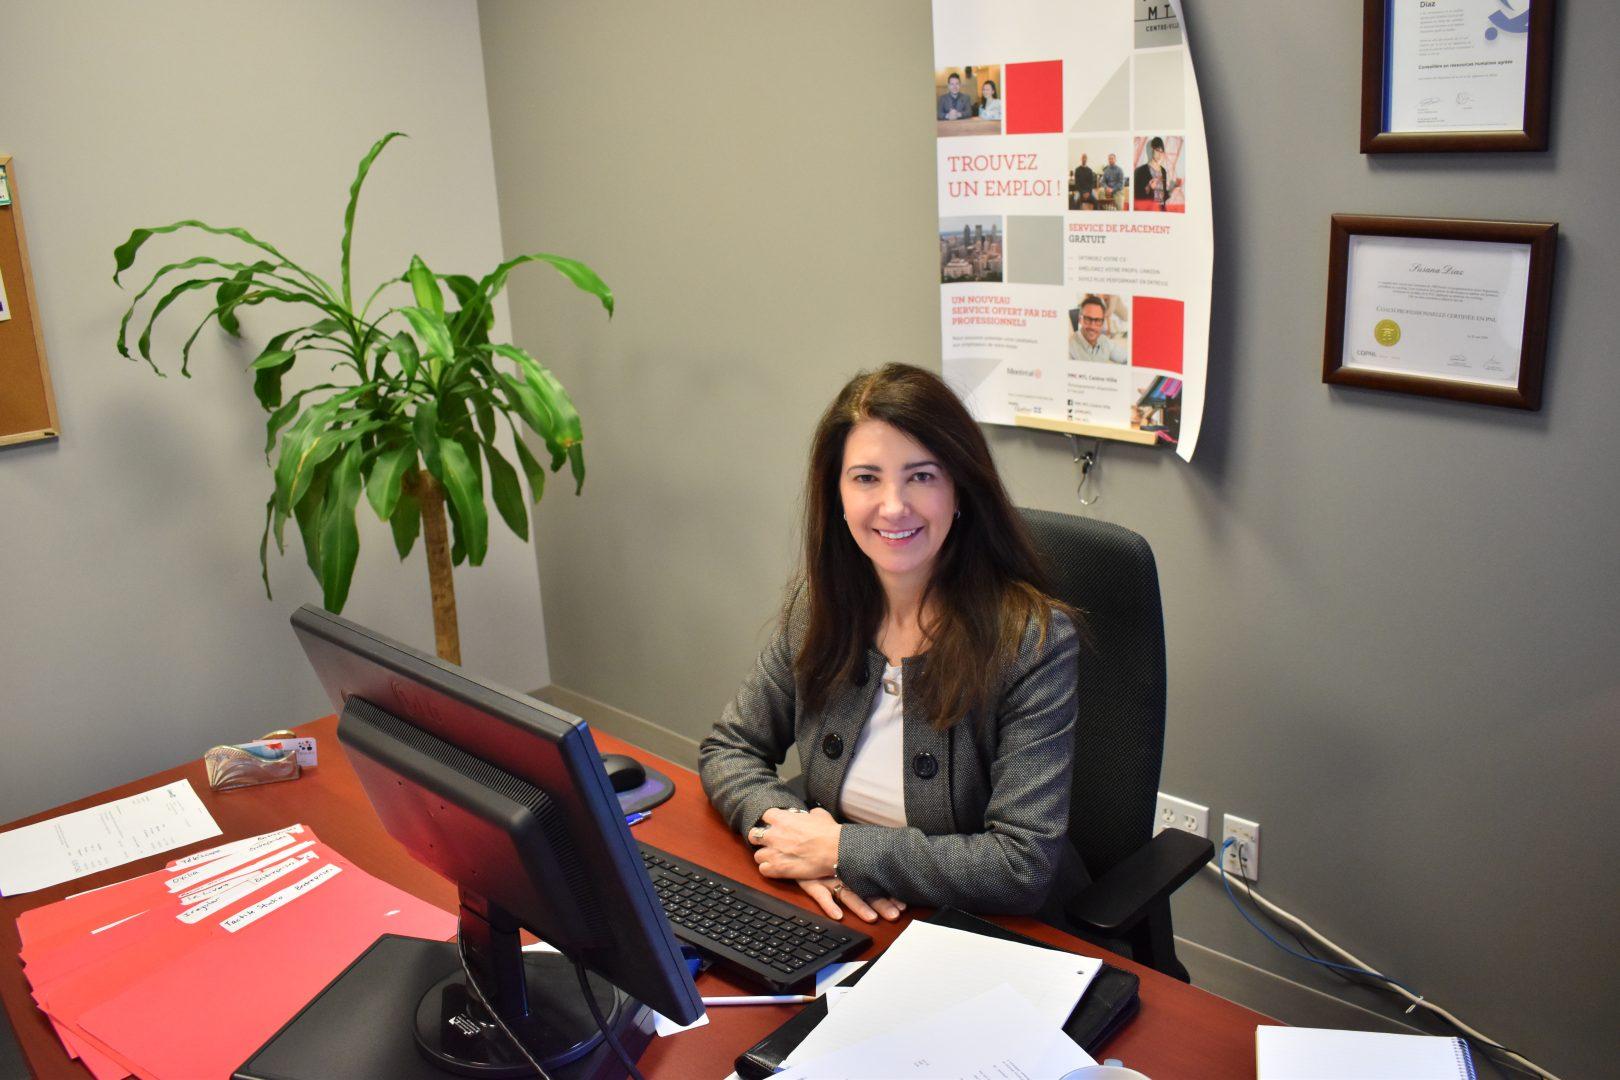 Egresada de Administración se desempeña en Canadá